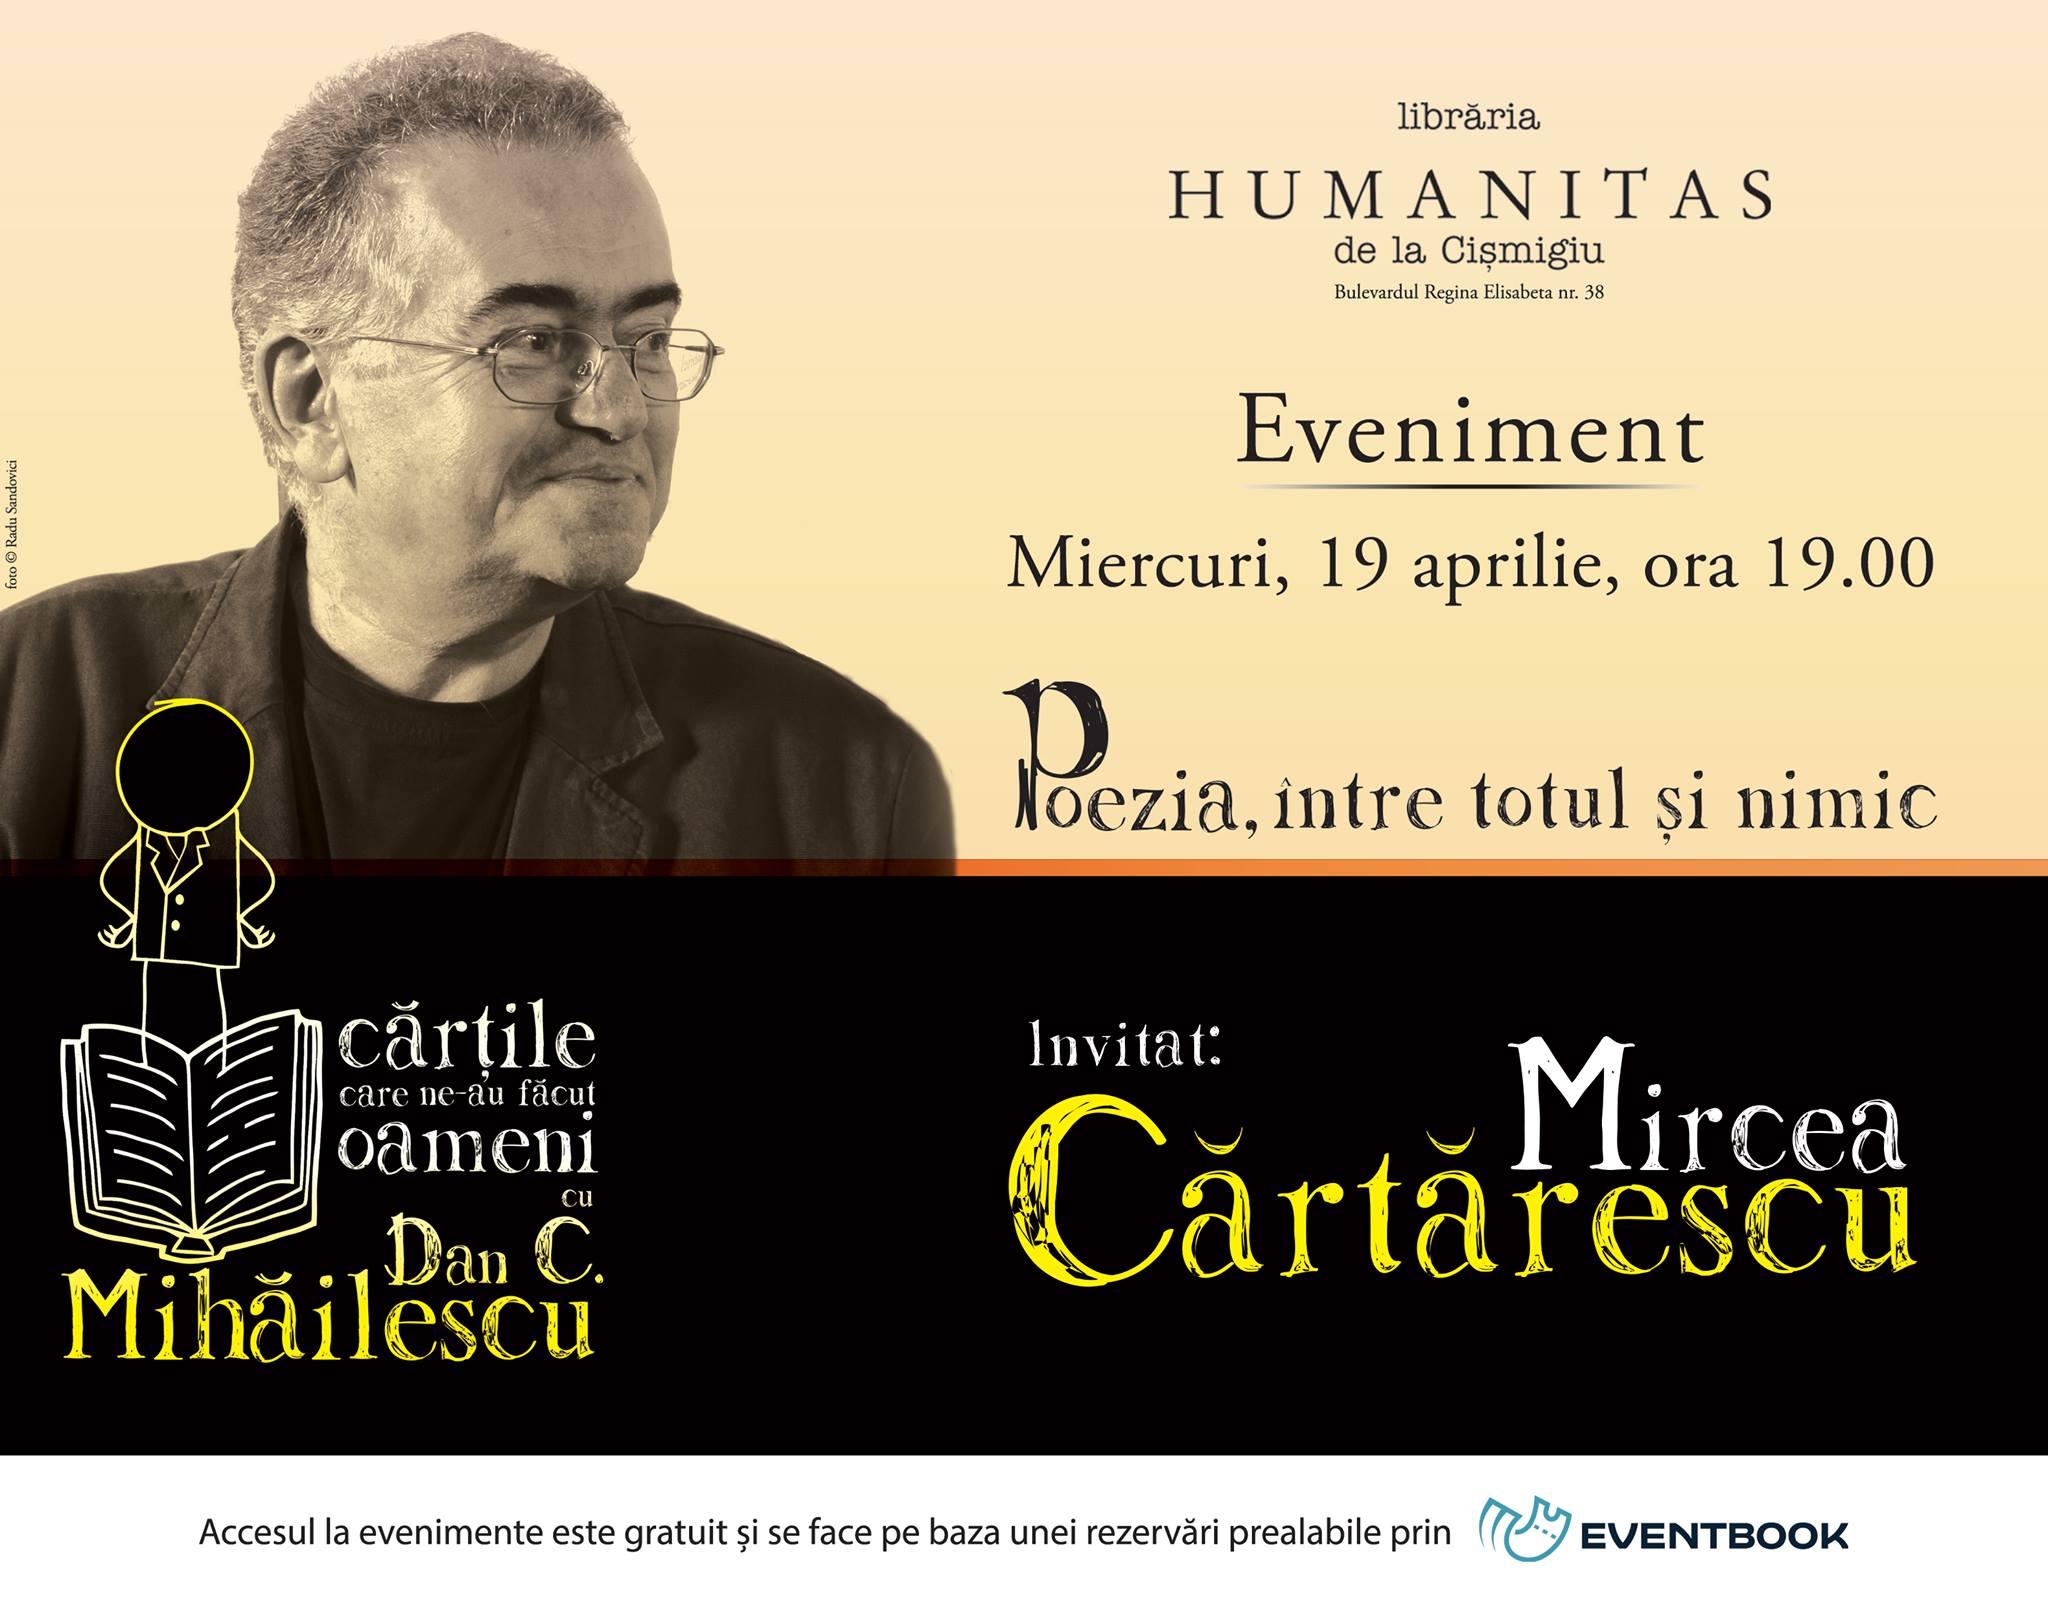 """""""Cărţile care ne-au făcut oameni"""", invitat: Mircea Cărtărescu"""